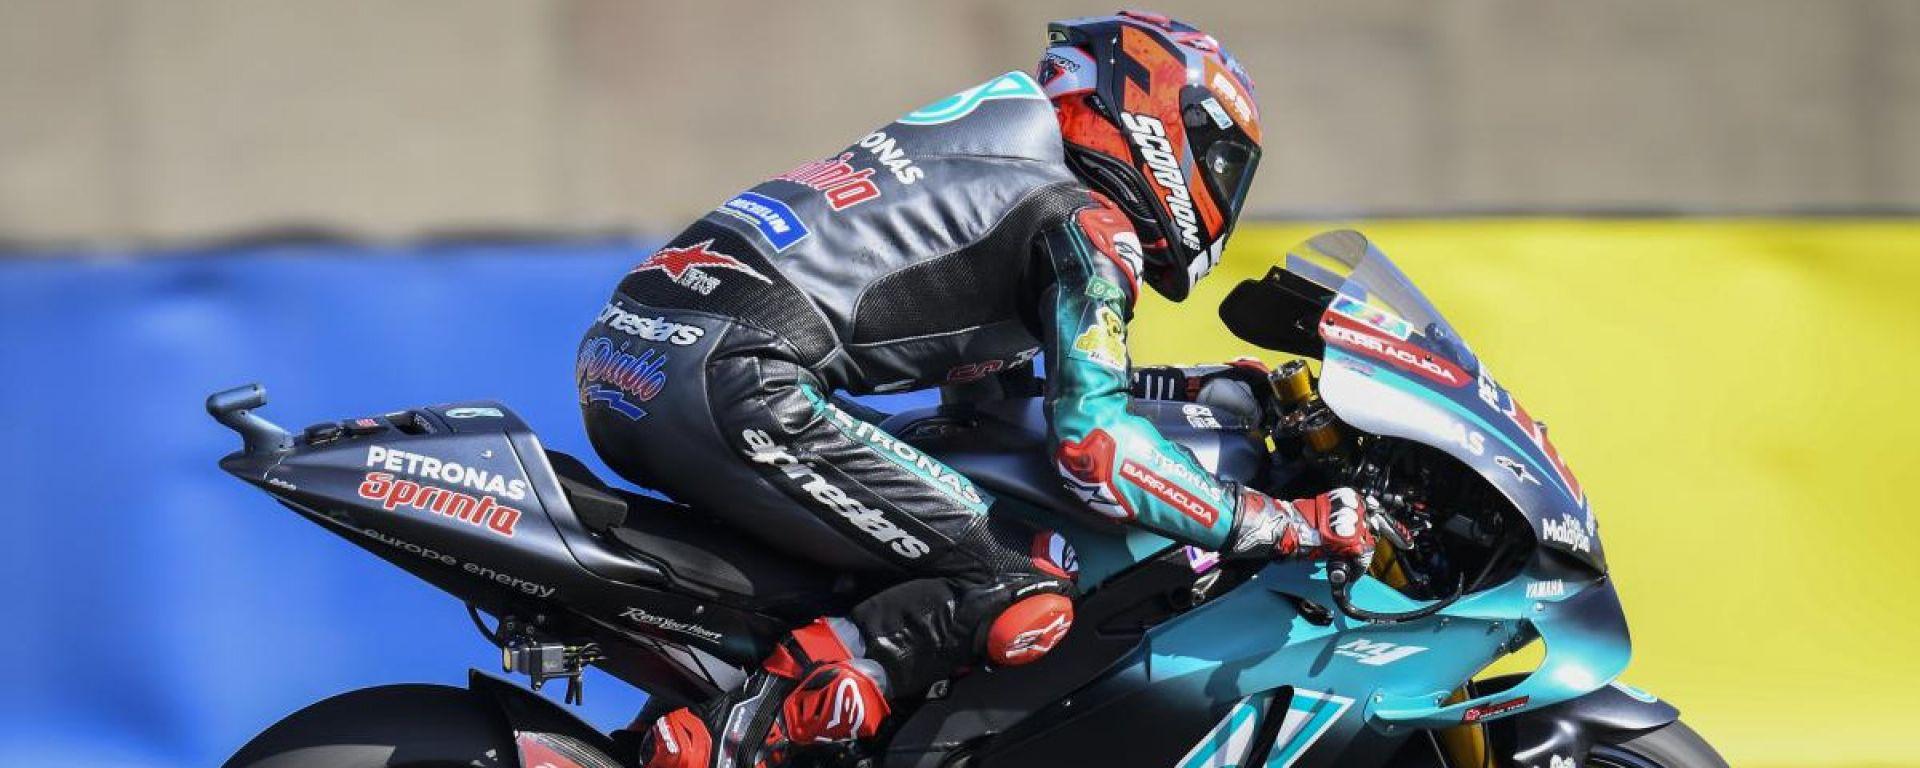 MotoGP Francia, Fabio Quartararo è il più veloce nelle FP1 a Le Mans